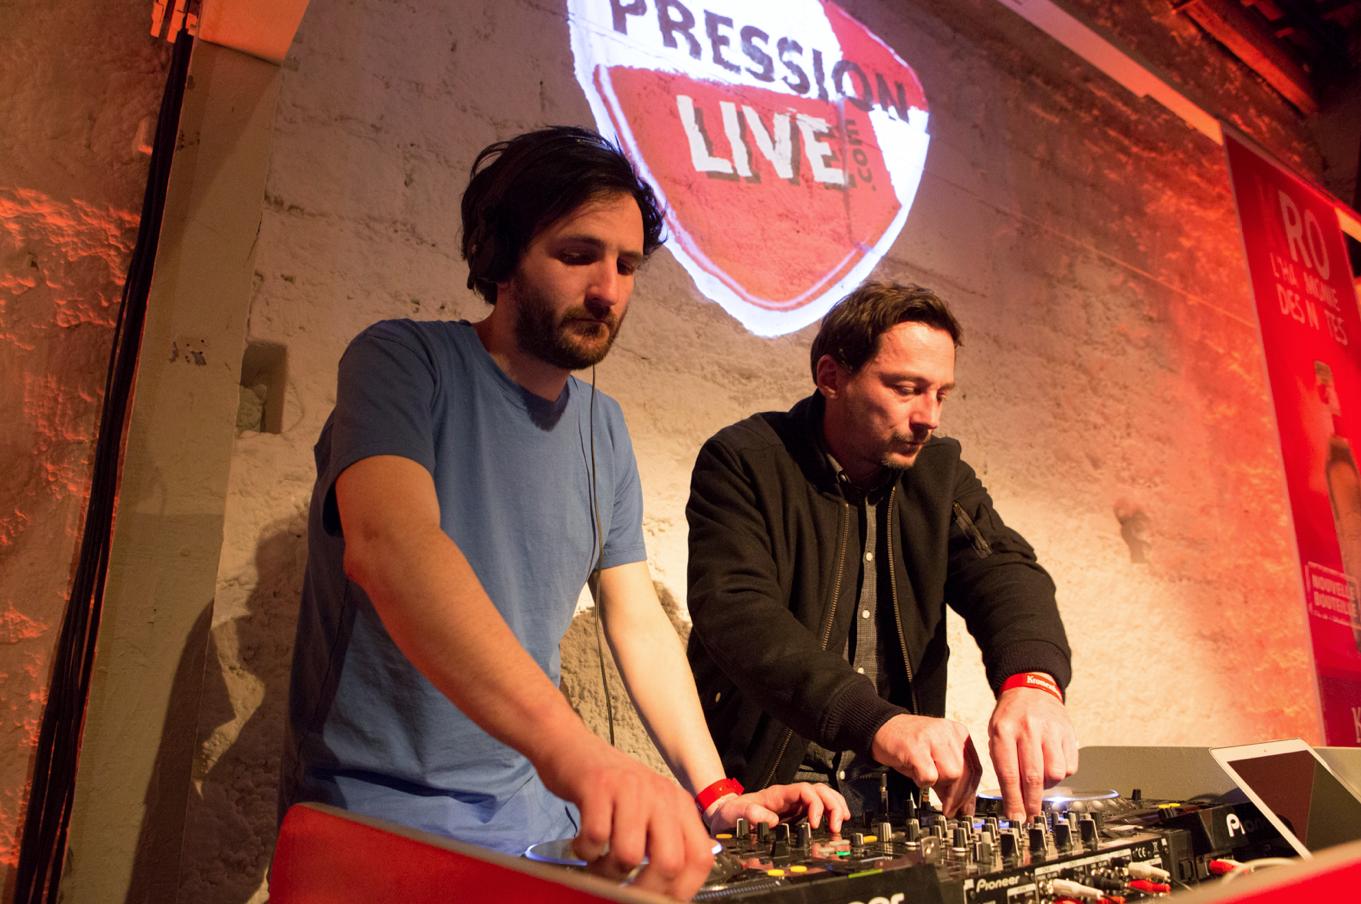 © Pression Live